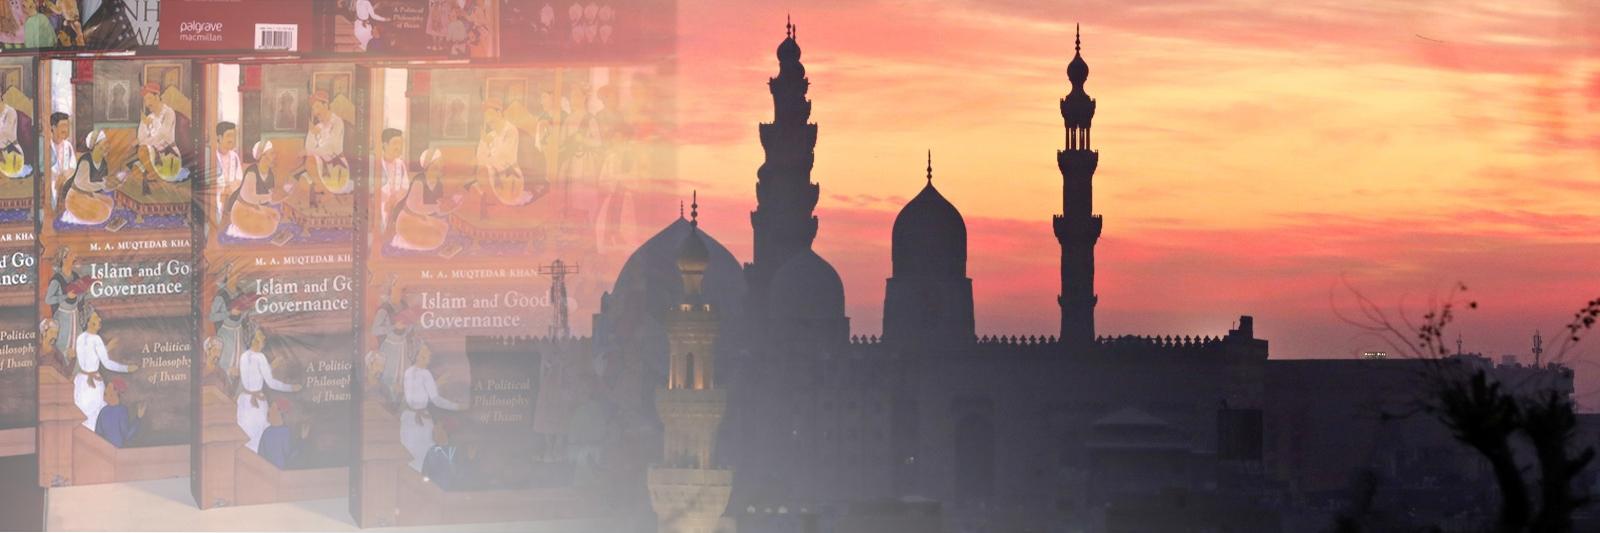 الإسلام والحكم الراشد: فلسفة سياسية للإحسان